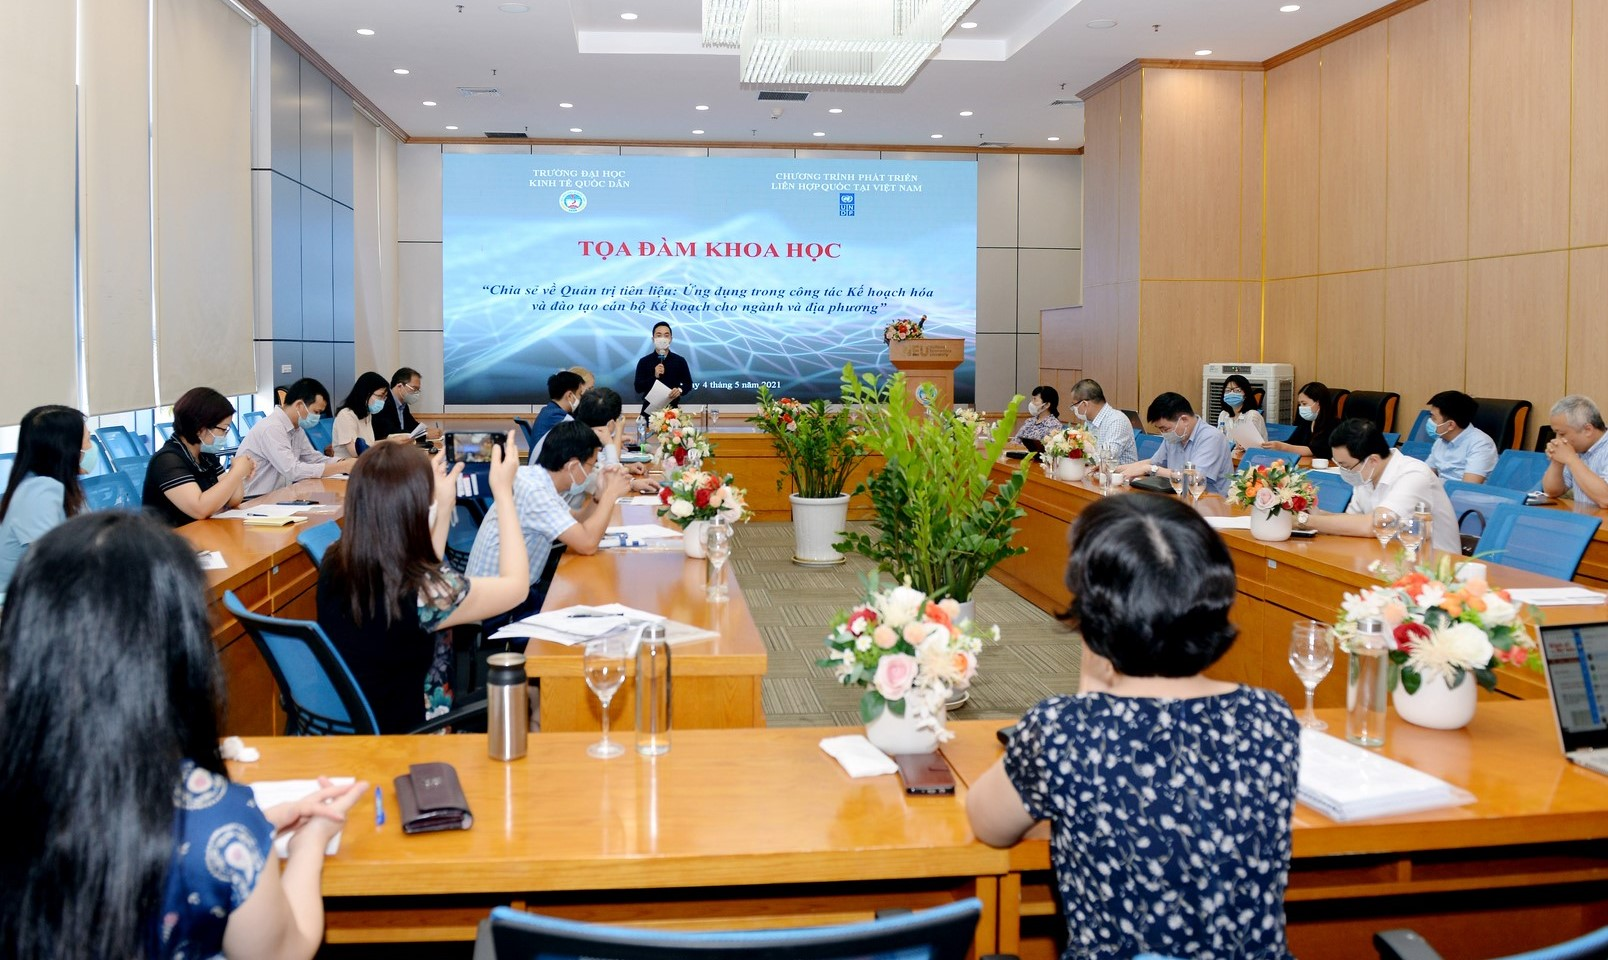 Toàn cảnh hội thảo quản trị tiên lượng ngày 4/5/2021 | Ảnh: NEU